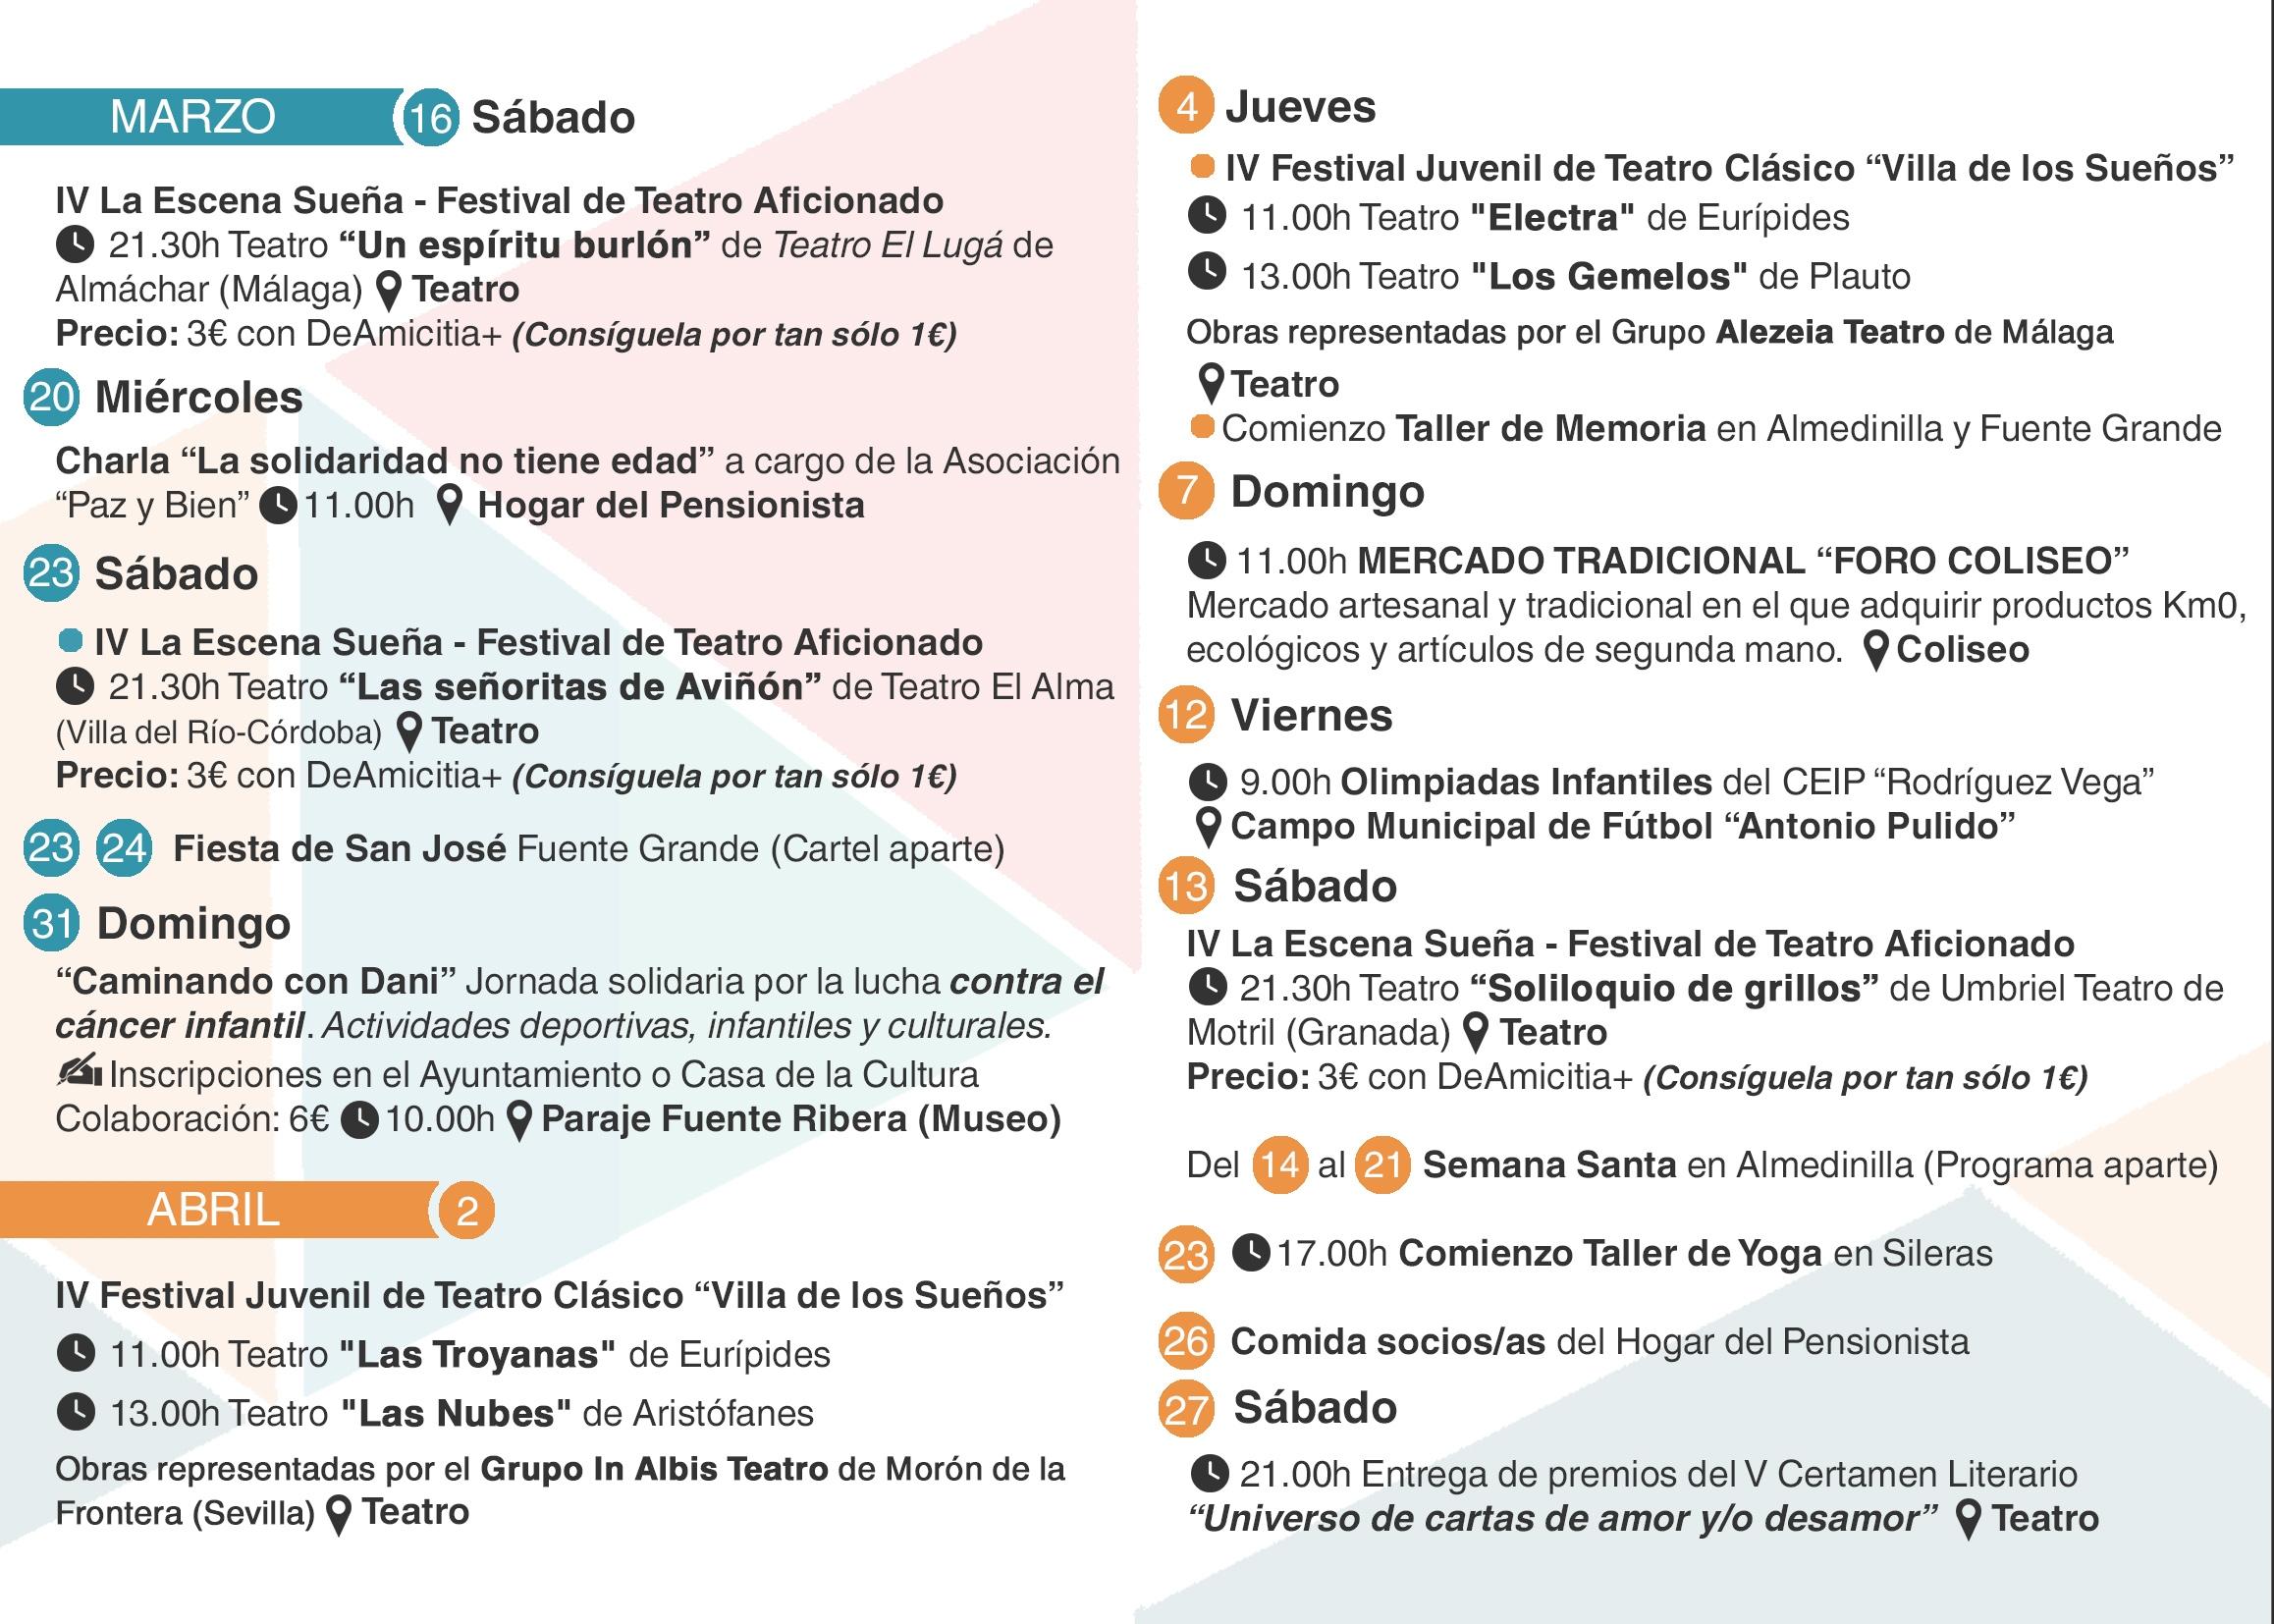 Agenda Primavera 2019-2